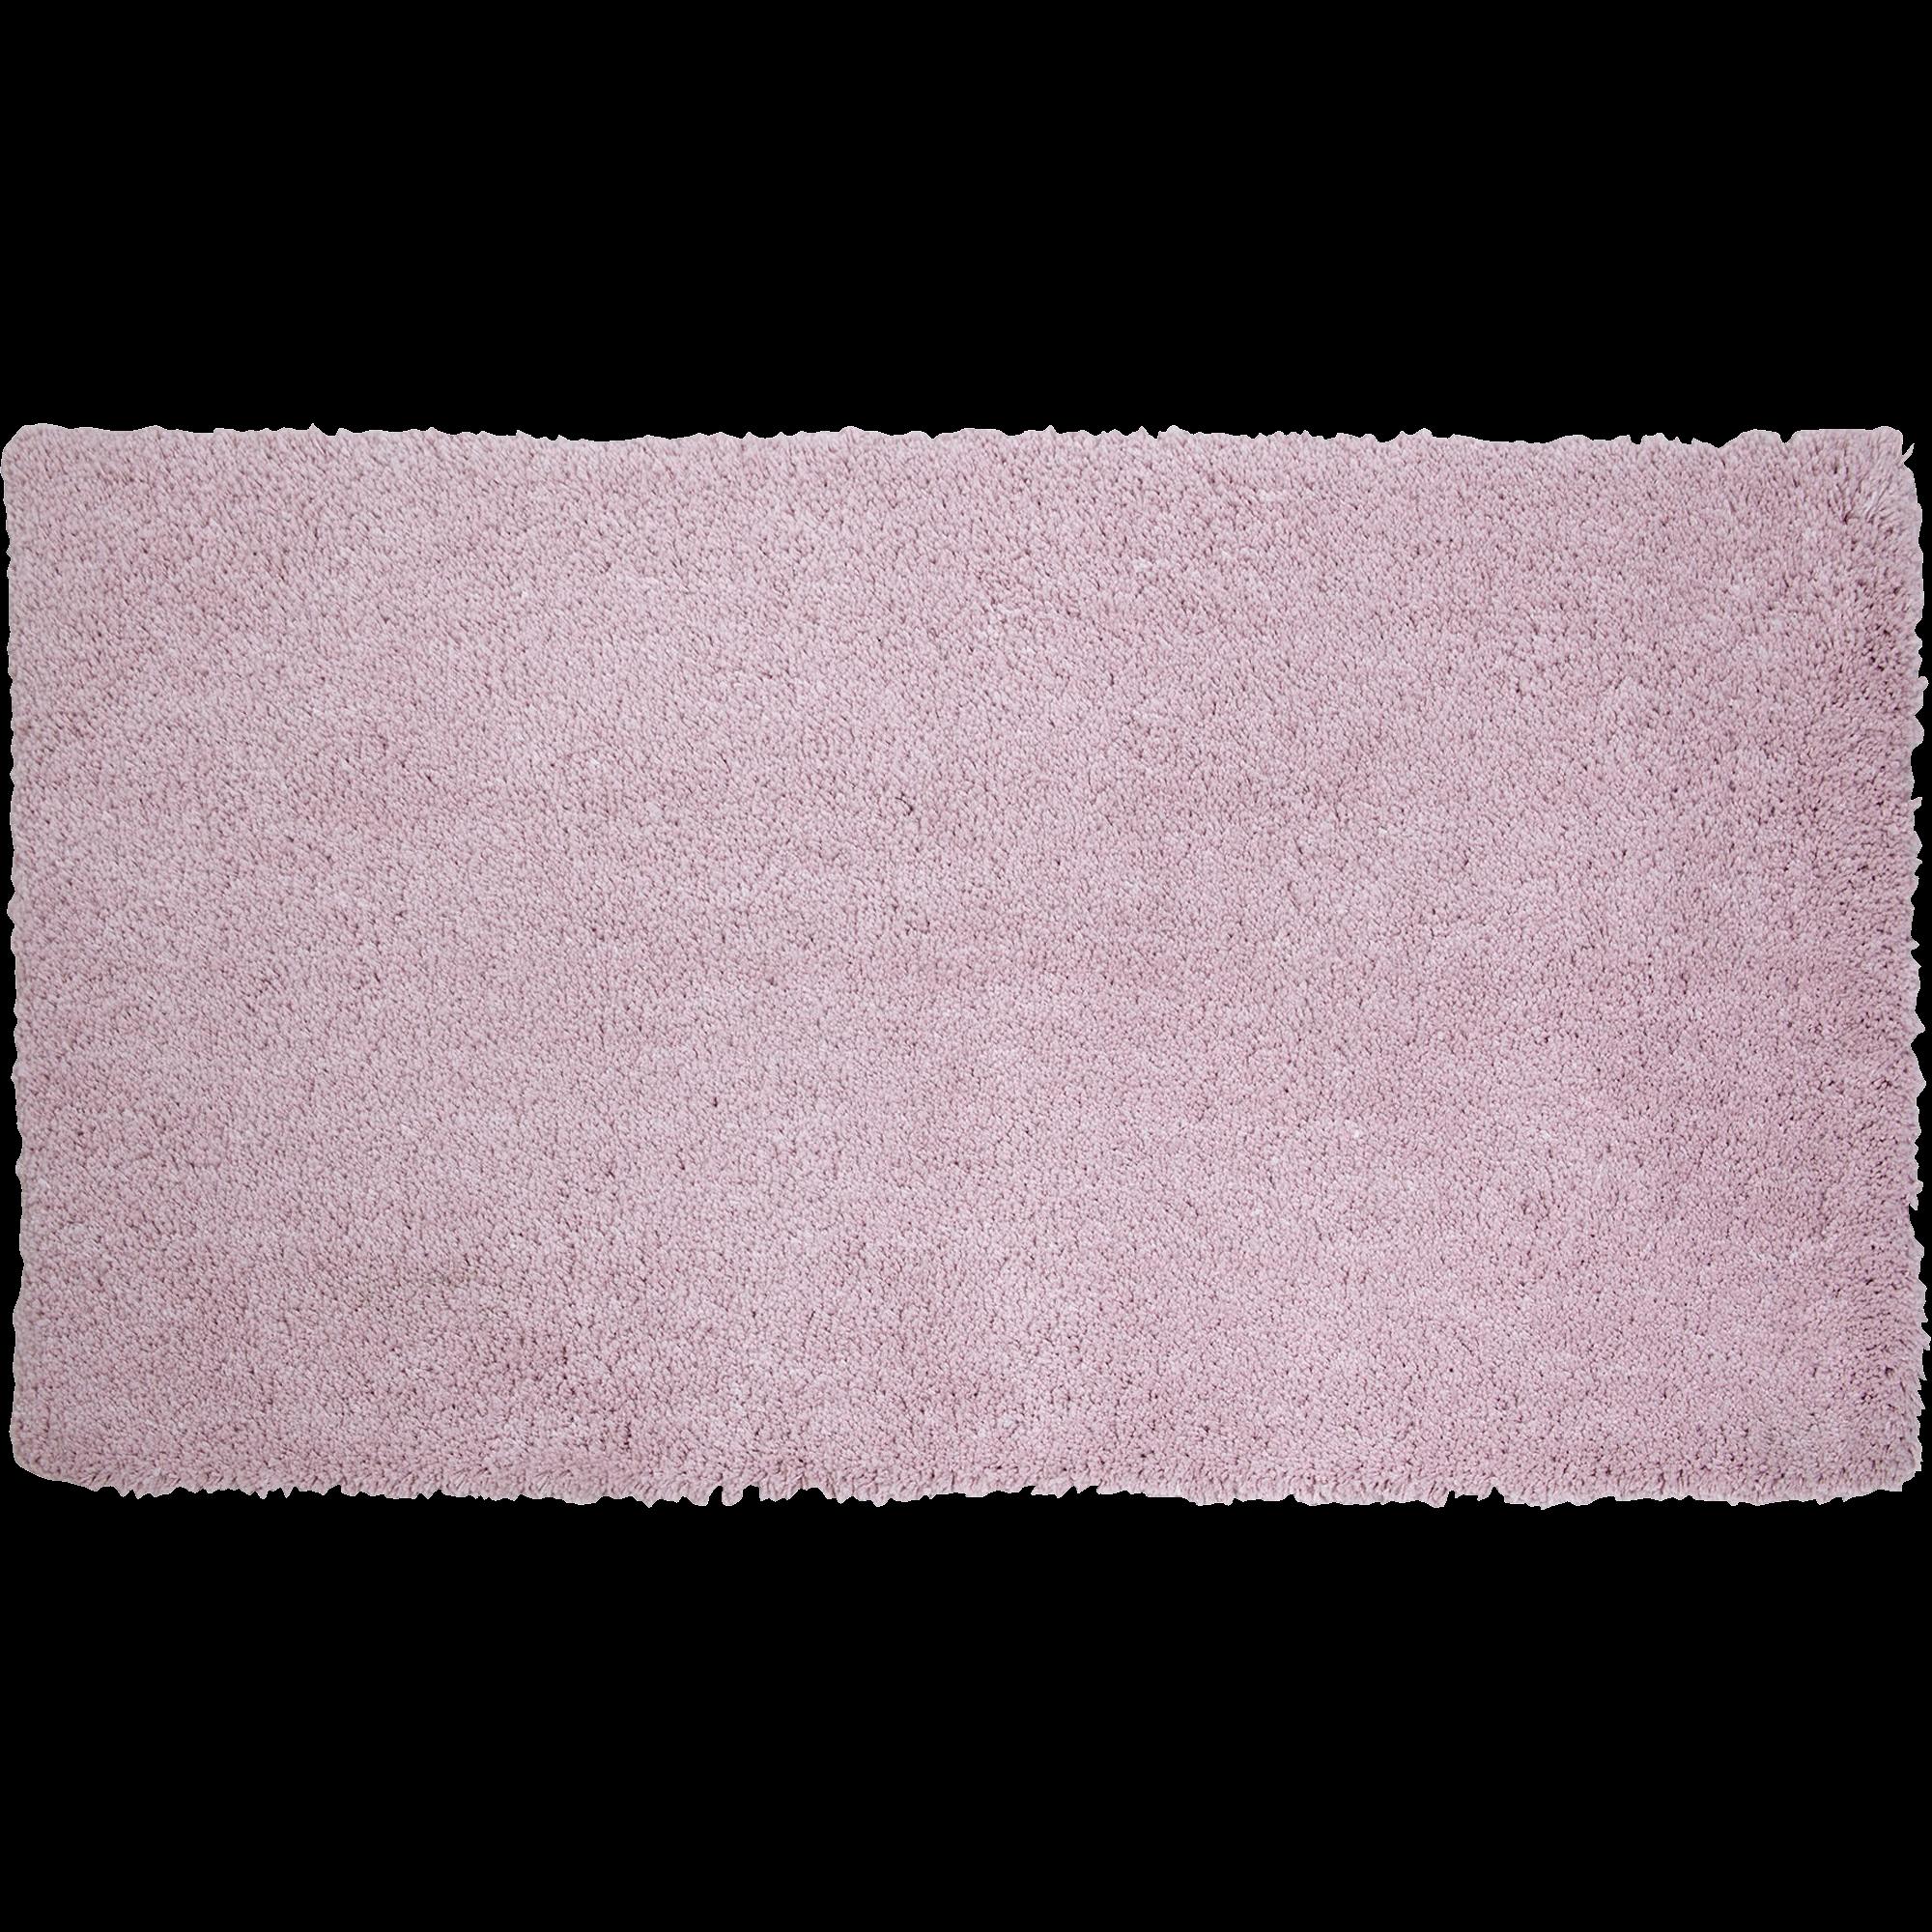 Tapis Shaggy Rose Poudré 60x110cm CLOUD